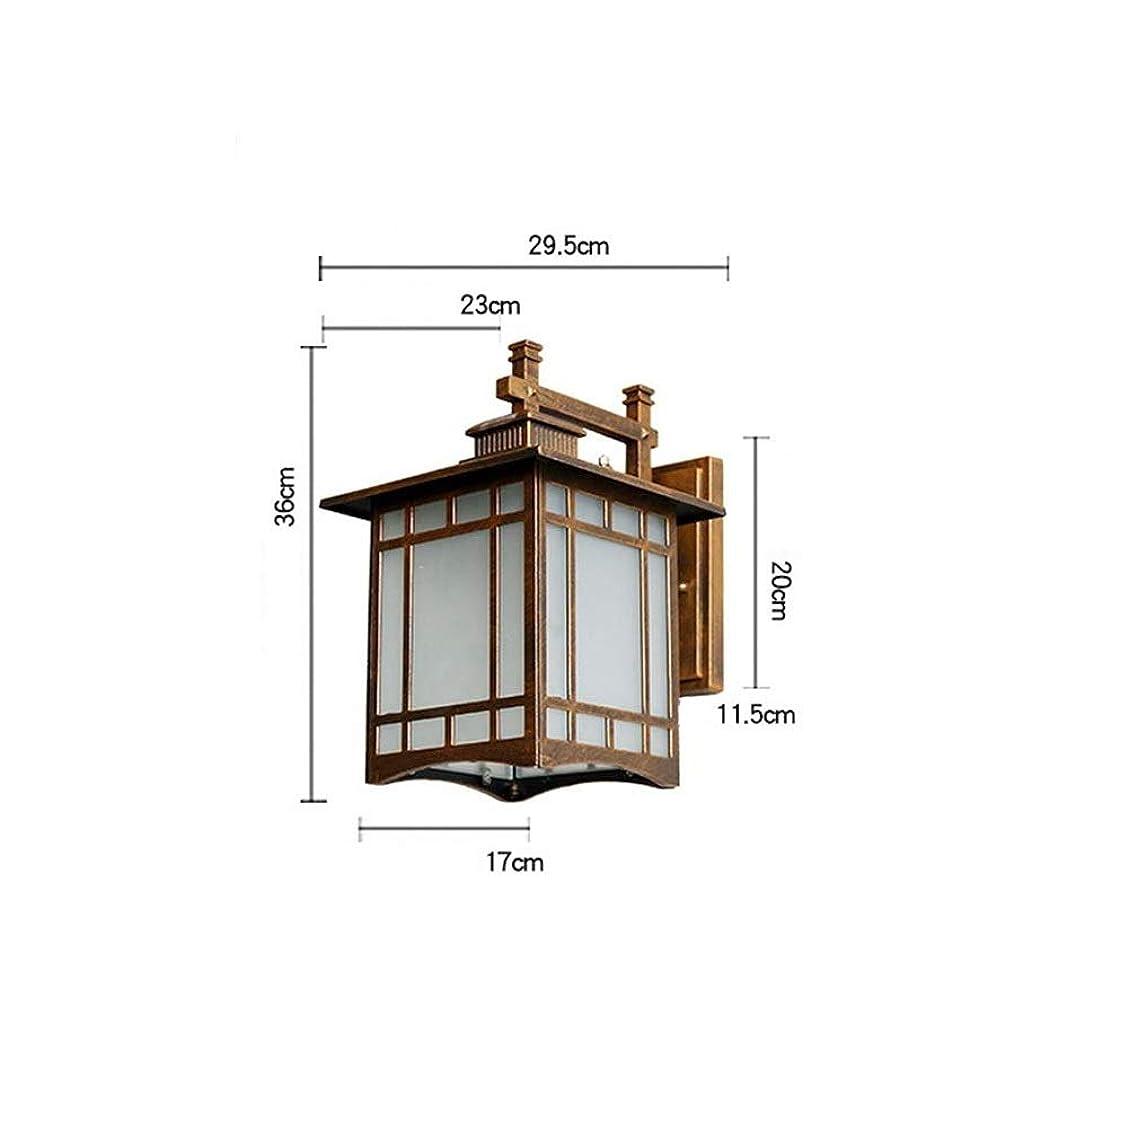 付与懲らしめオーロックウォールランプ 屋外バルコニー防水ウォールランプレトロ寝室ベッドサイドランプ廊下通路屋外ガーデンランプウォールランプナイトライトミッドセンチュリー現代の小さなテーブルランプ (色 : Bronze, サイズ : L)